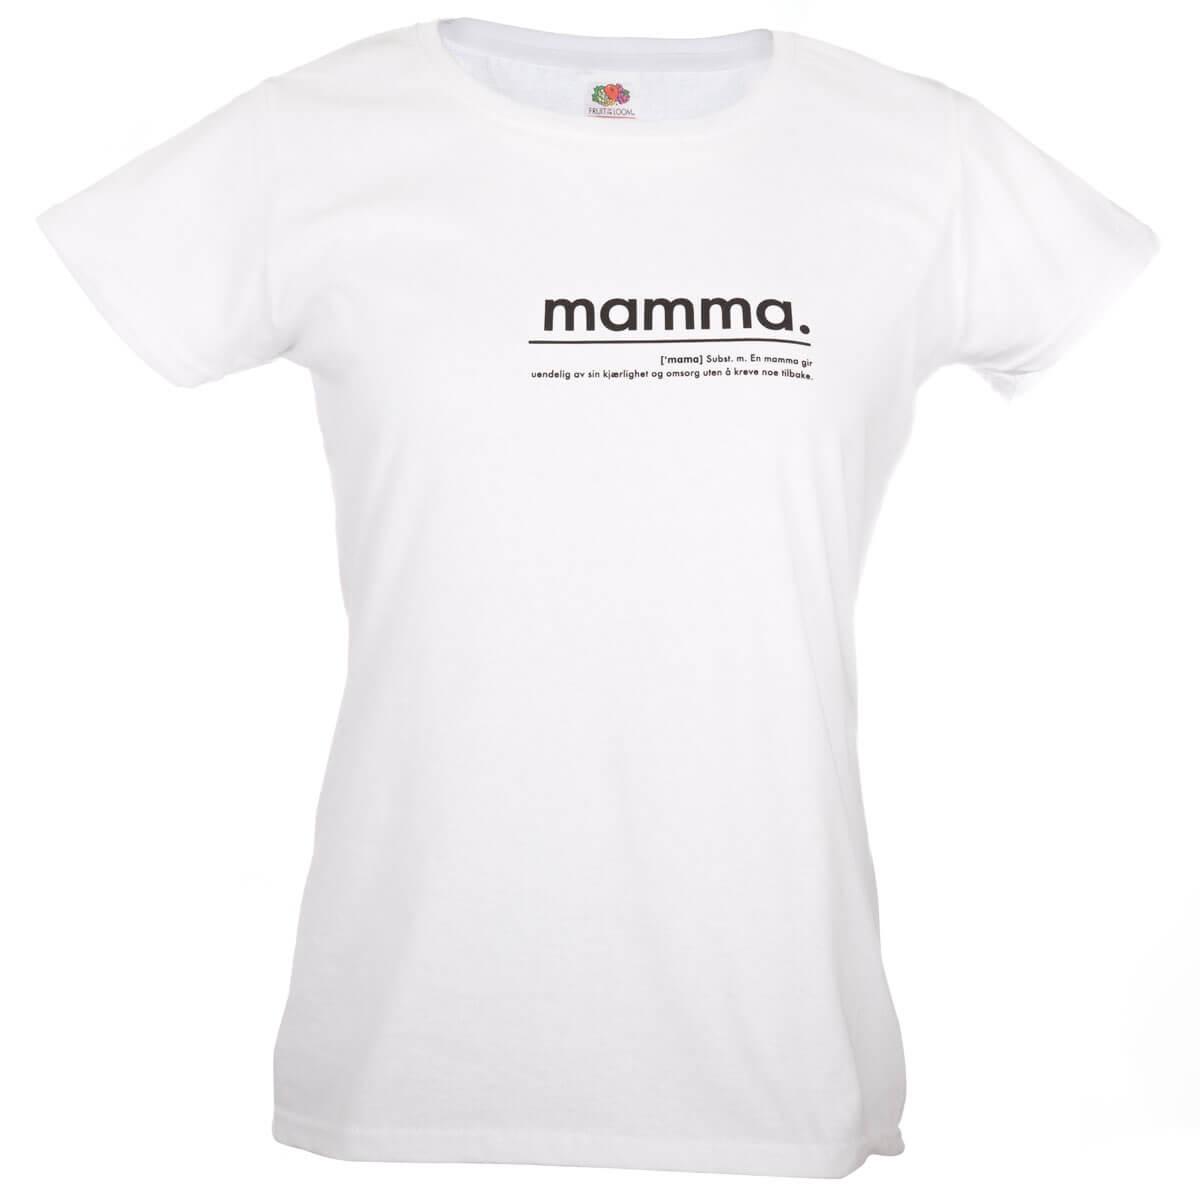 pictureit MAMMA t-skjorte - SMALL